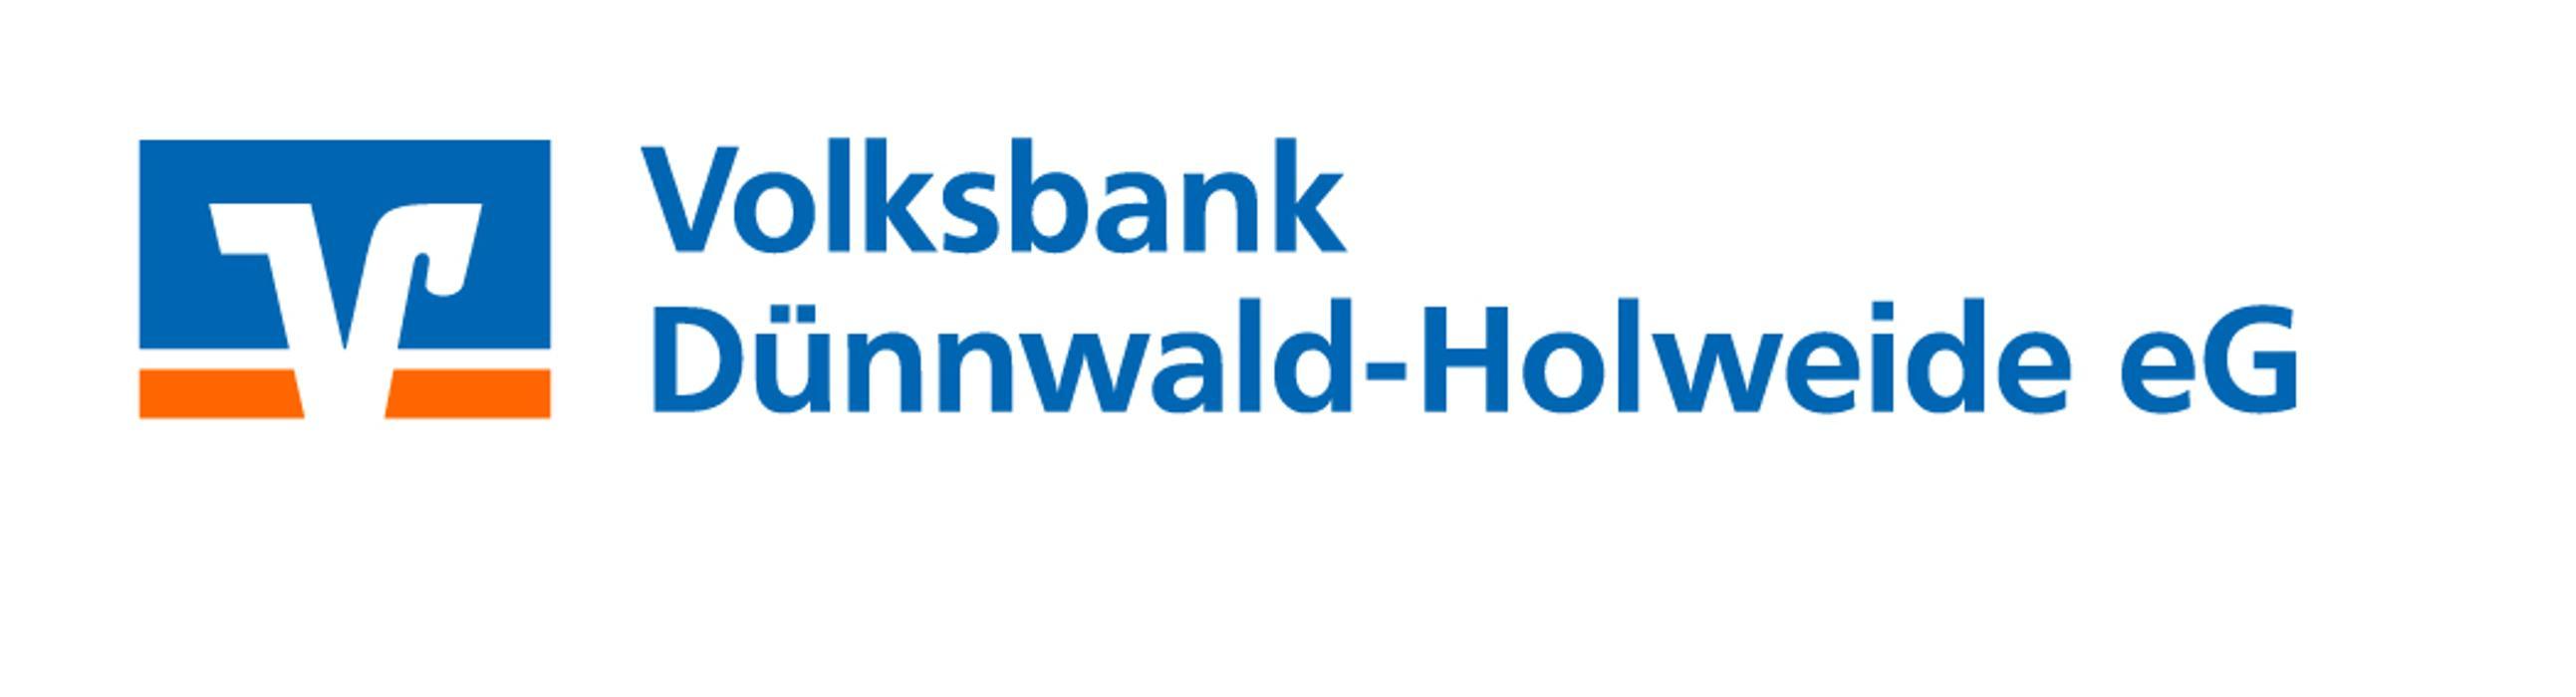 Volksbank Dünnwald-Holweide eG